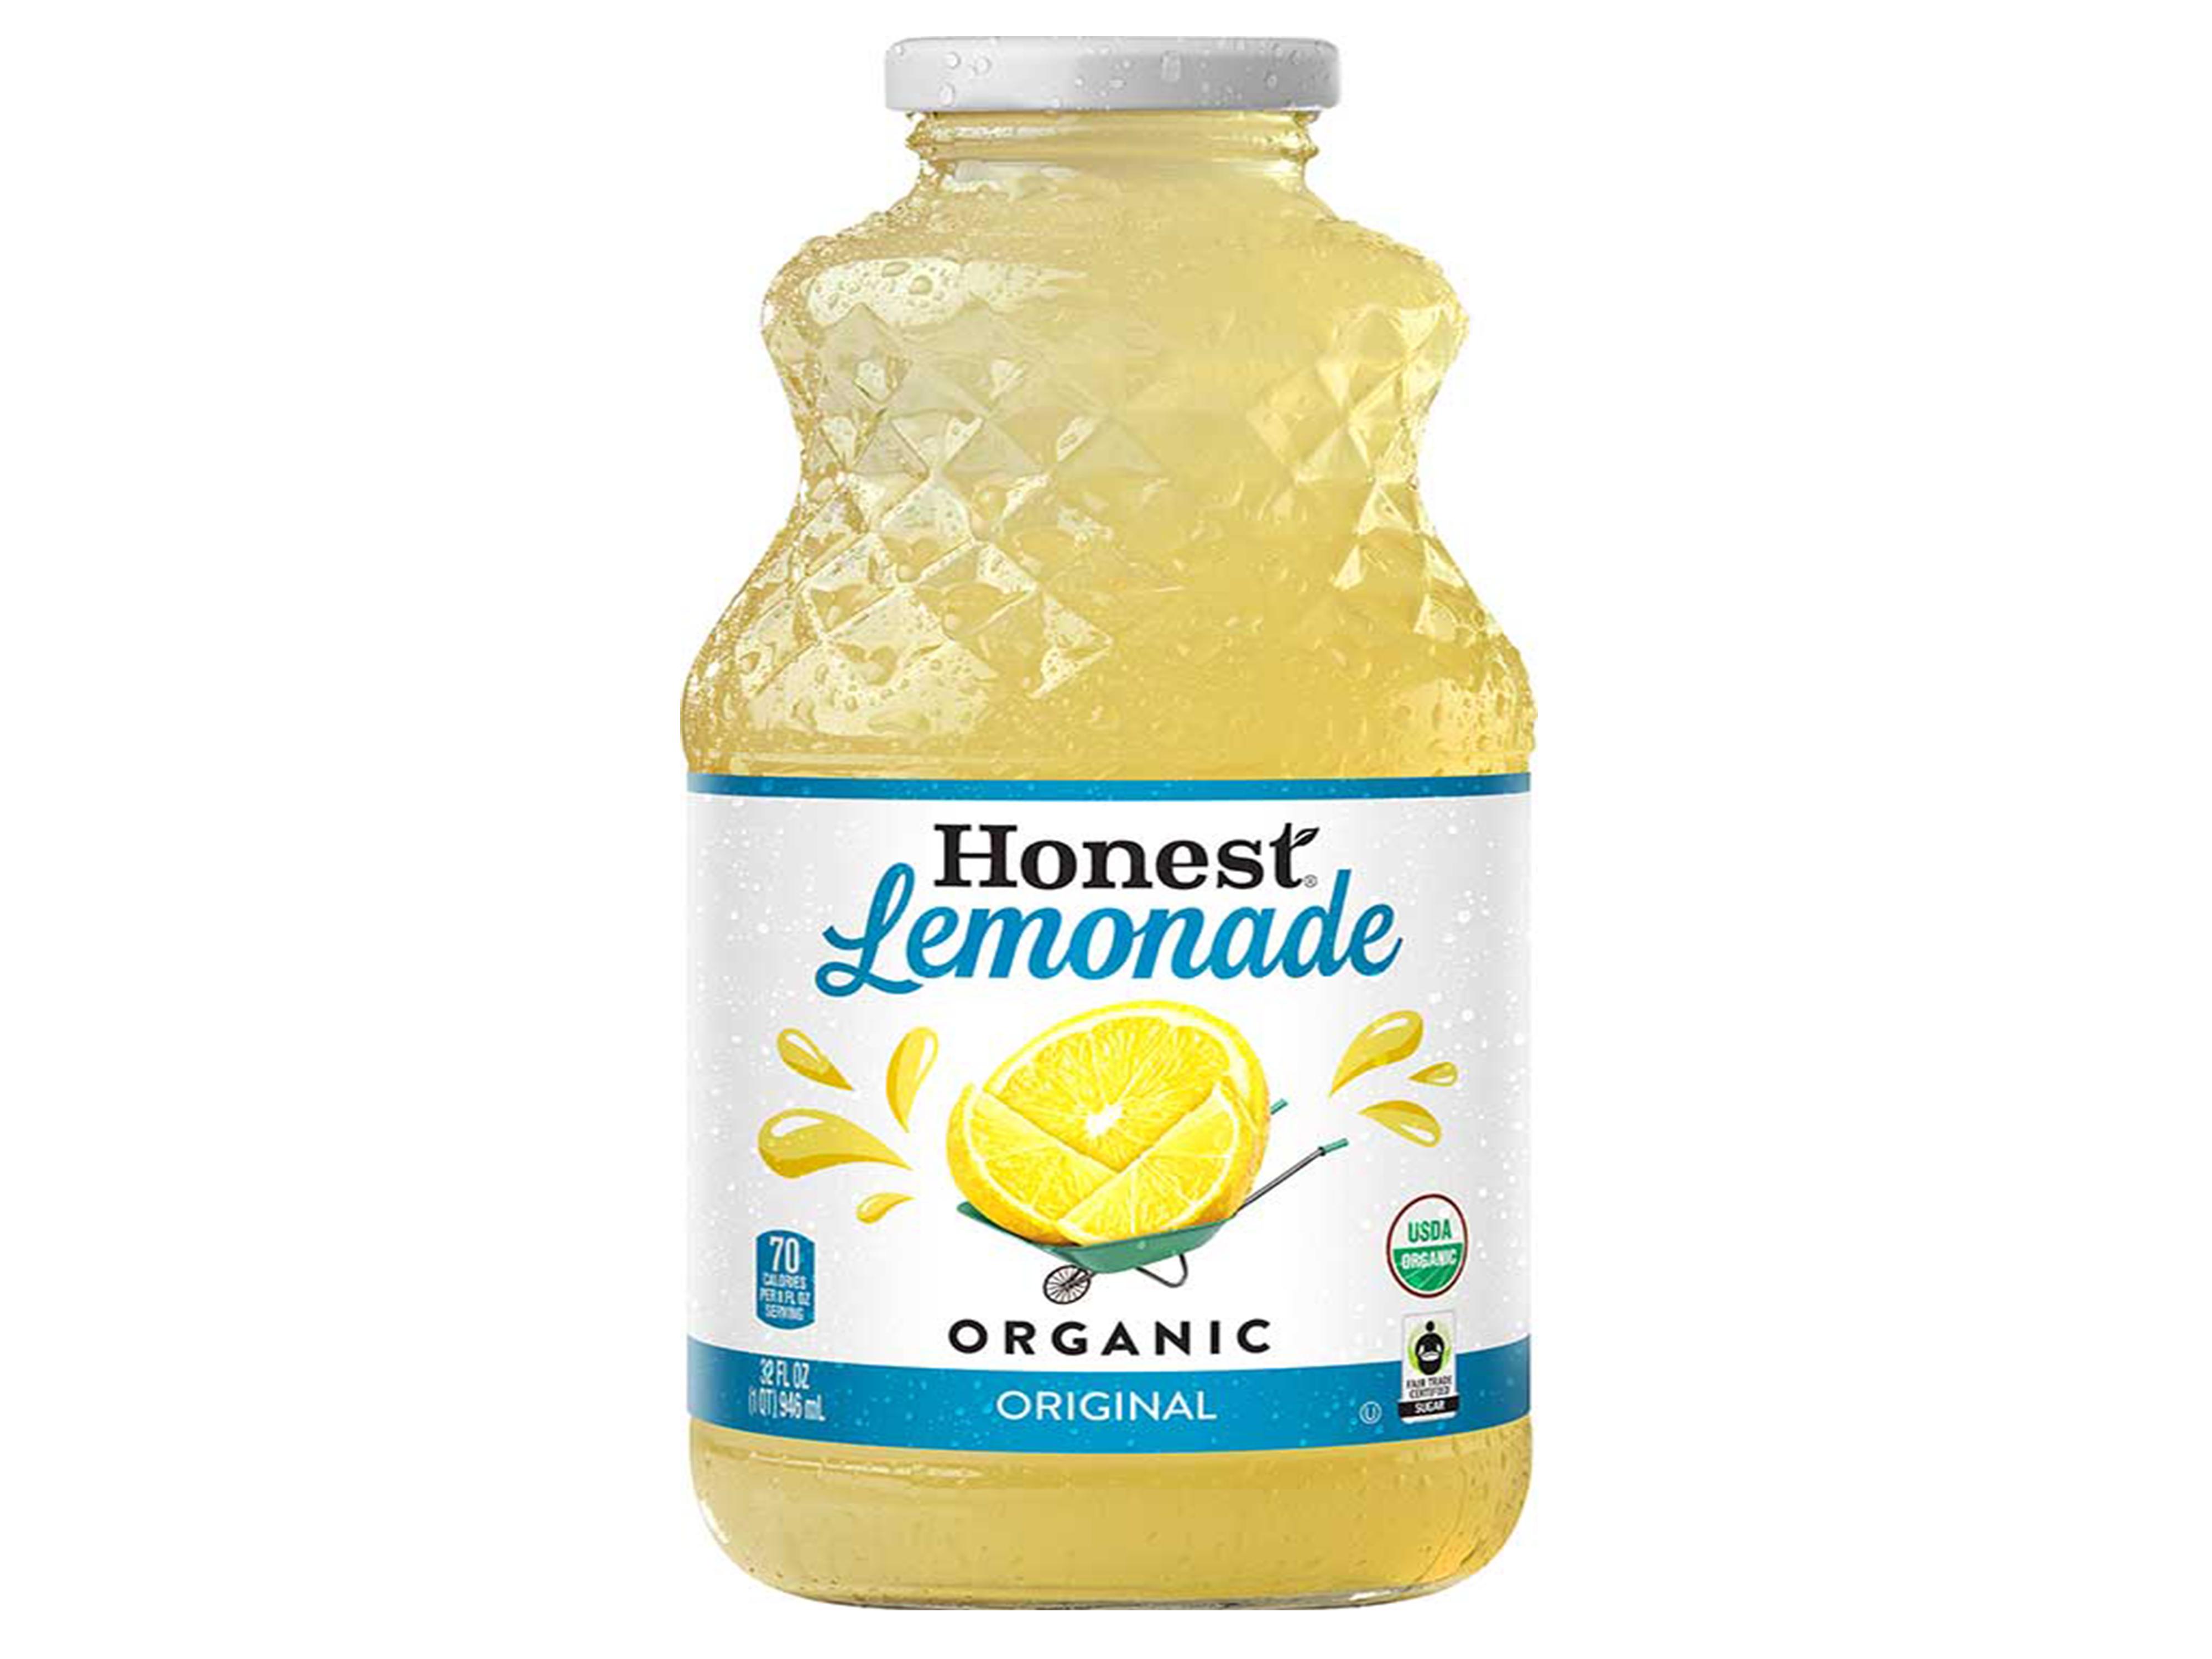 honest-lemonade